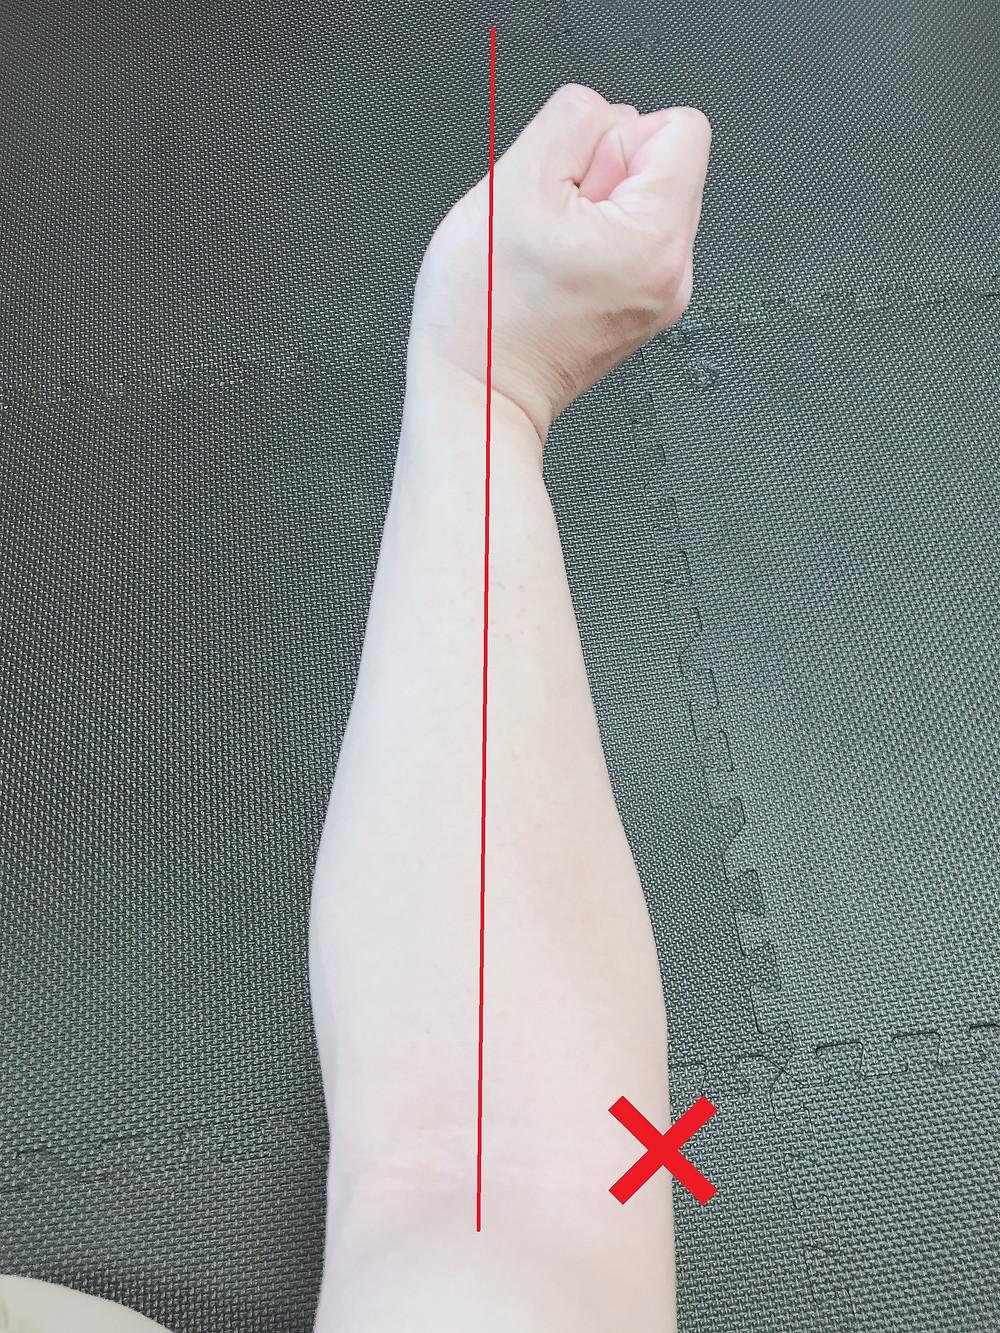 肘 外側の痛み